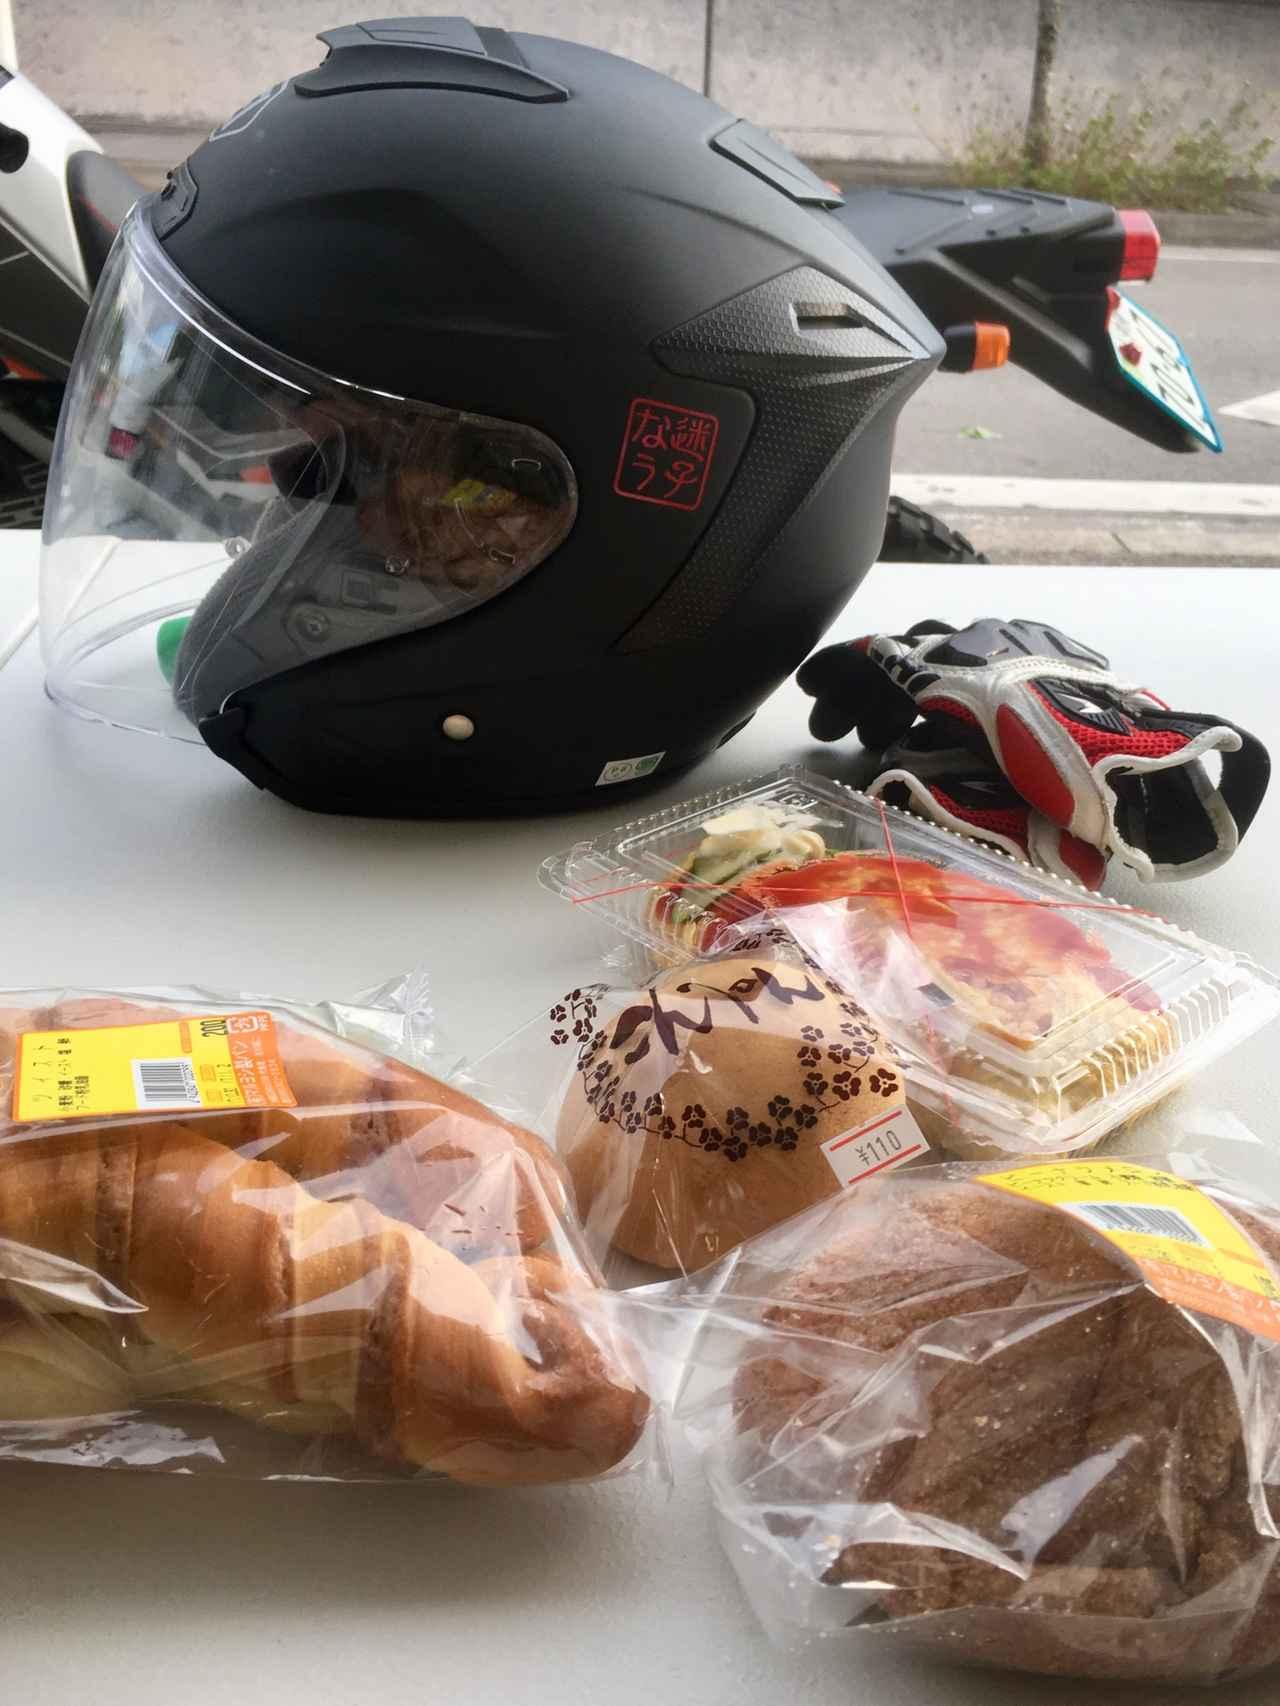 画像: いっぱい買っちゃいました(  › ·̮ ‹  ) だってパンも食べたいし、おばあちゃんのオムライスも食べたいから